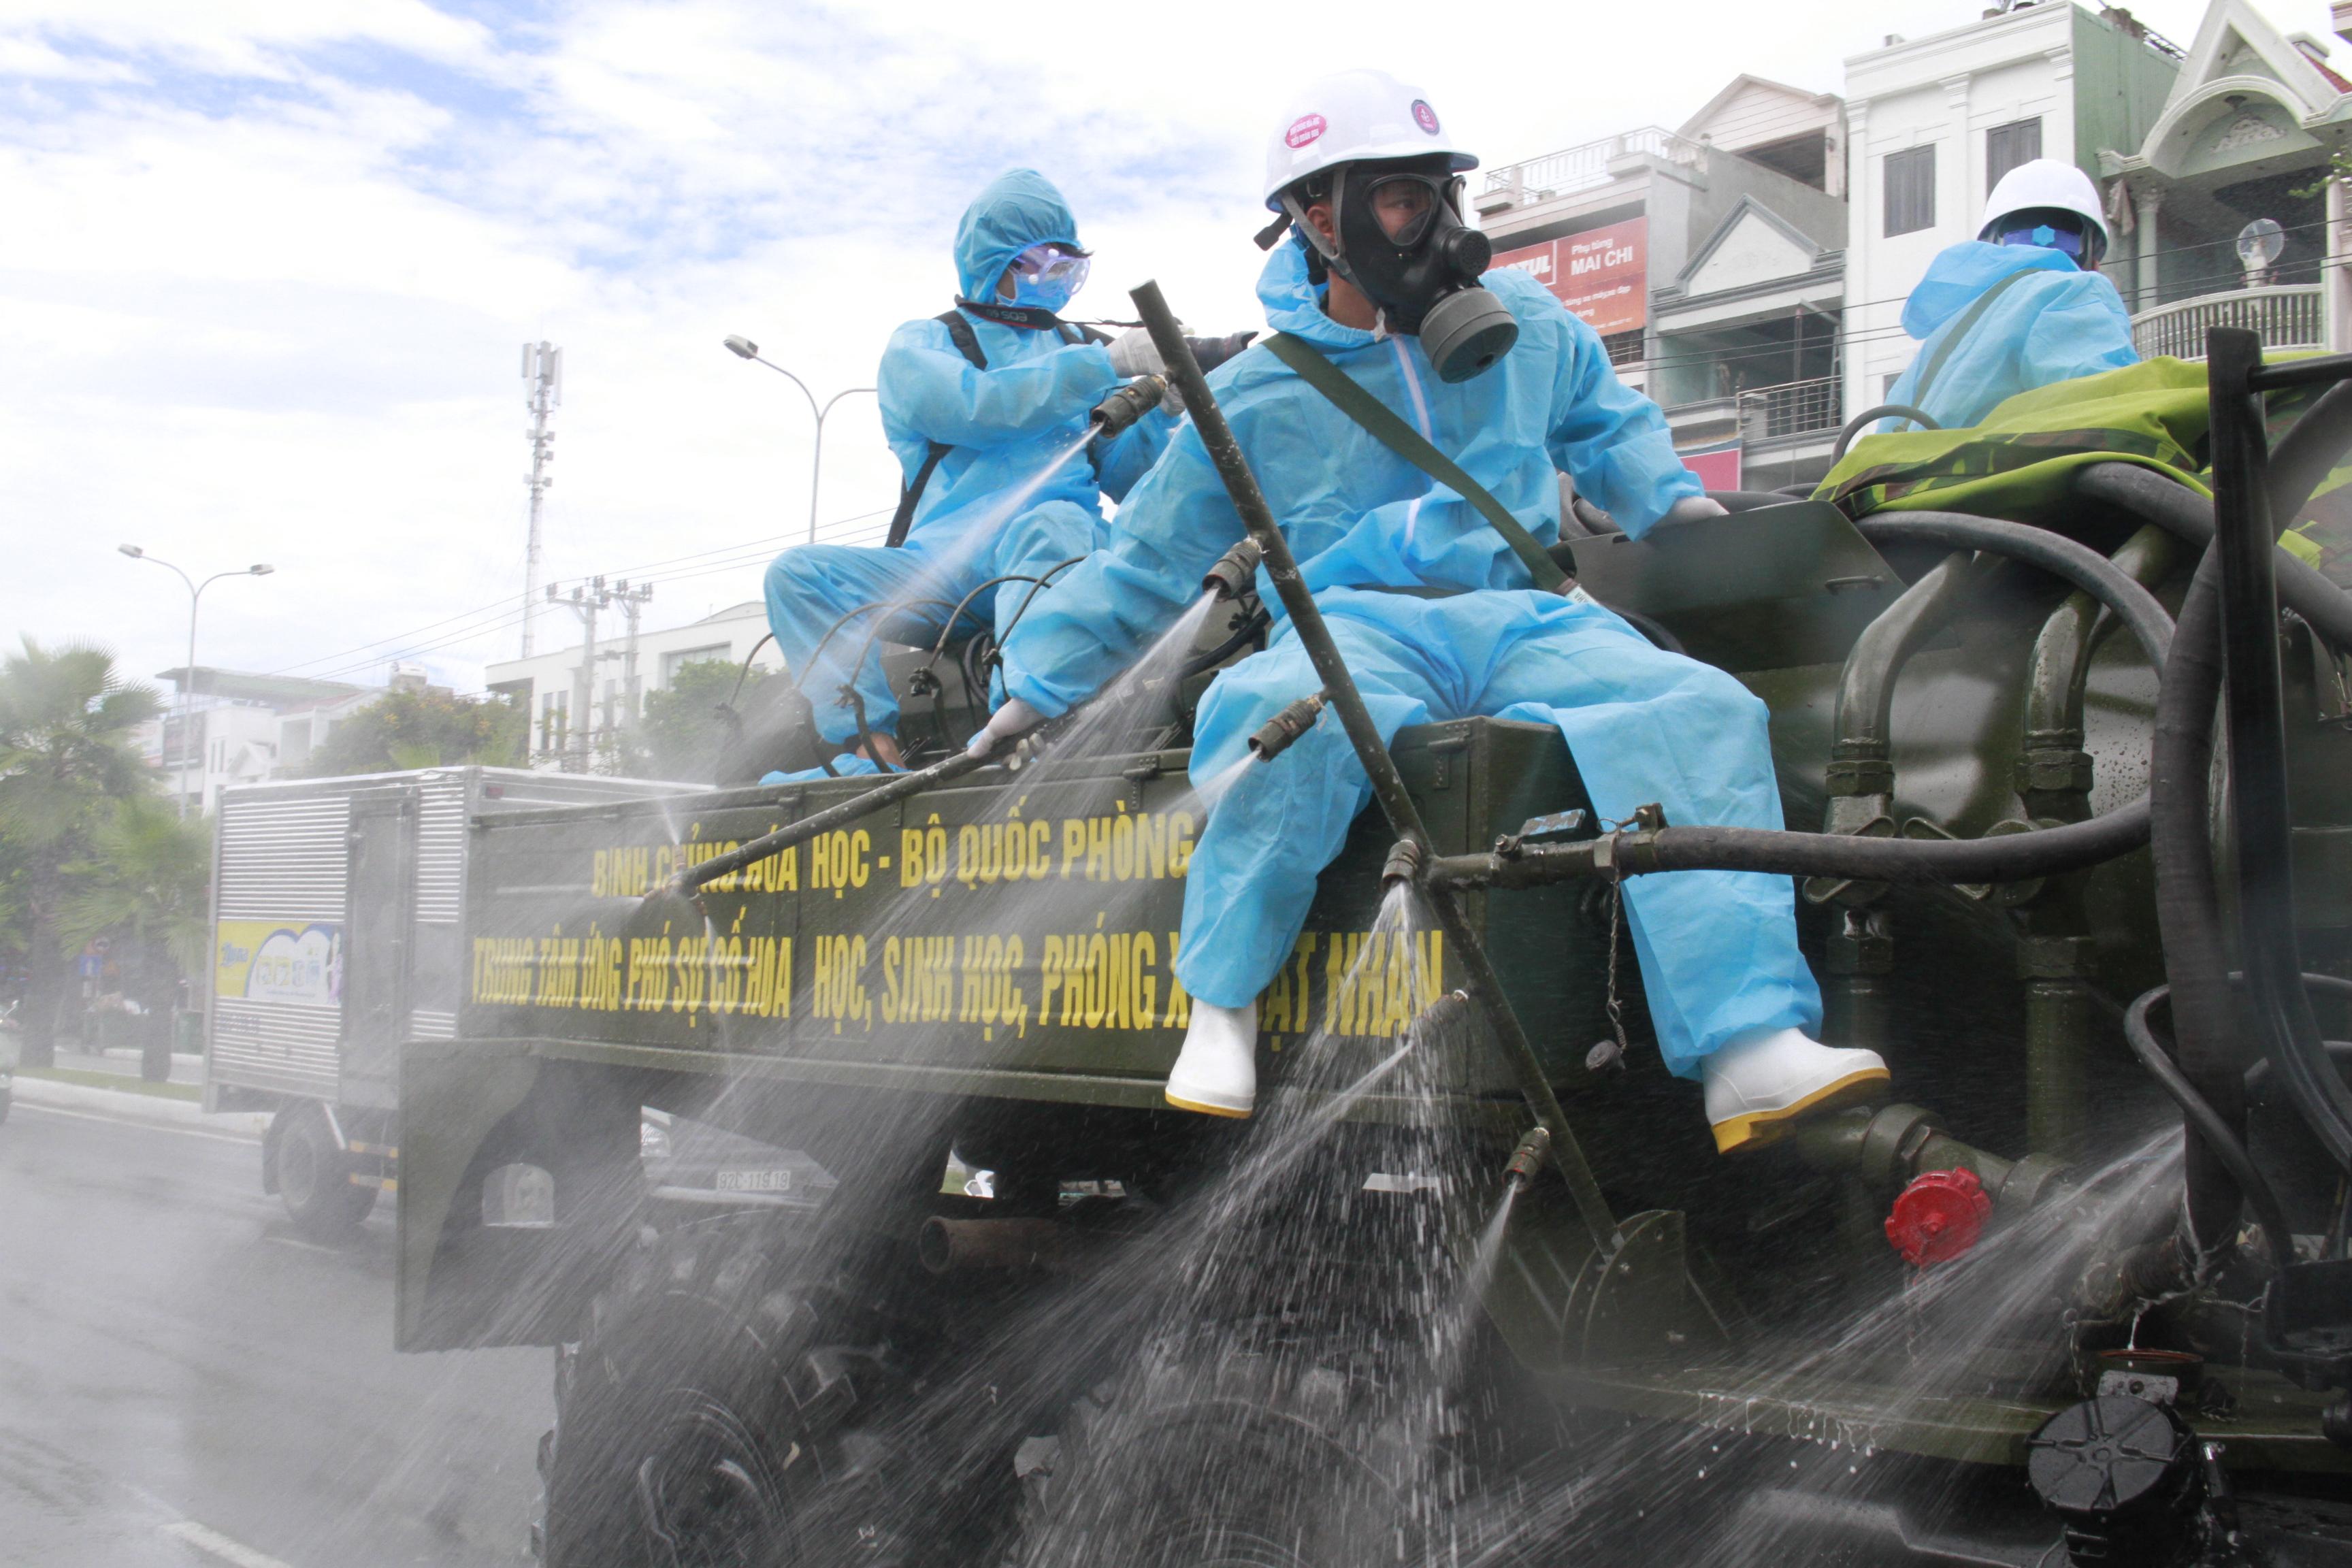 Đà Nẵng đề nghị Bình Định và Hải Phòng hỗ trợ chống COVID-19